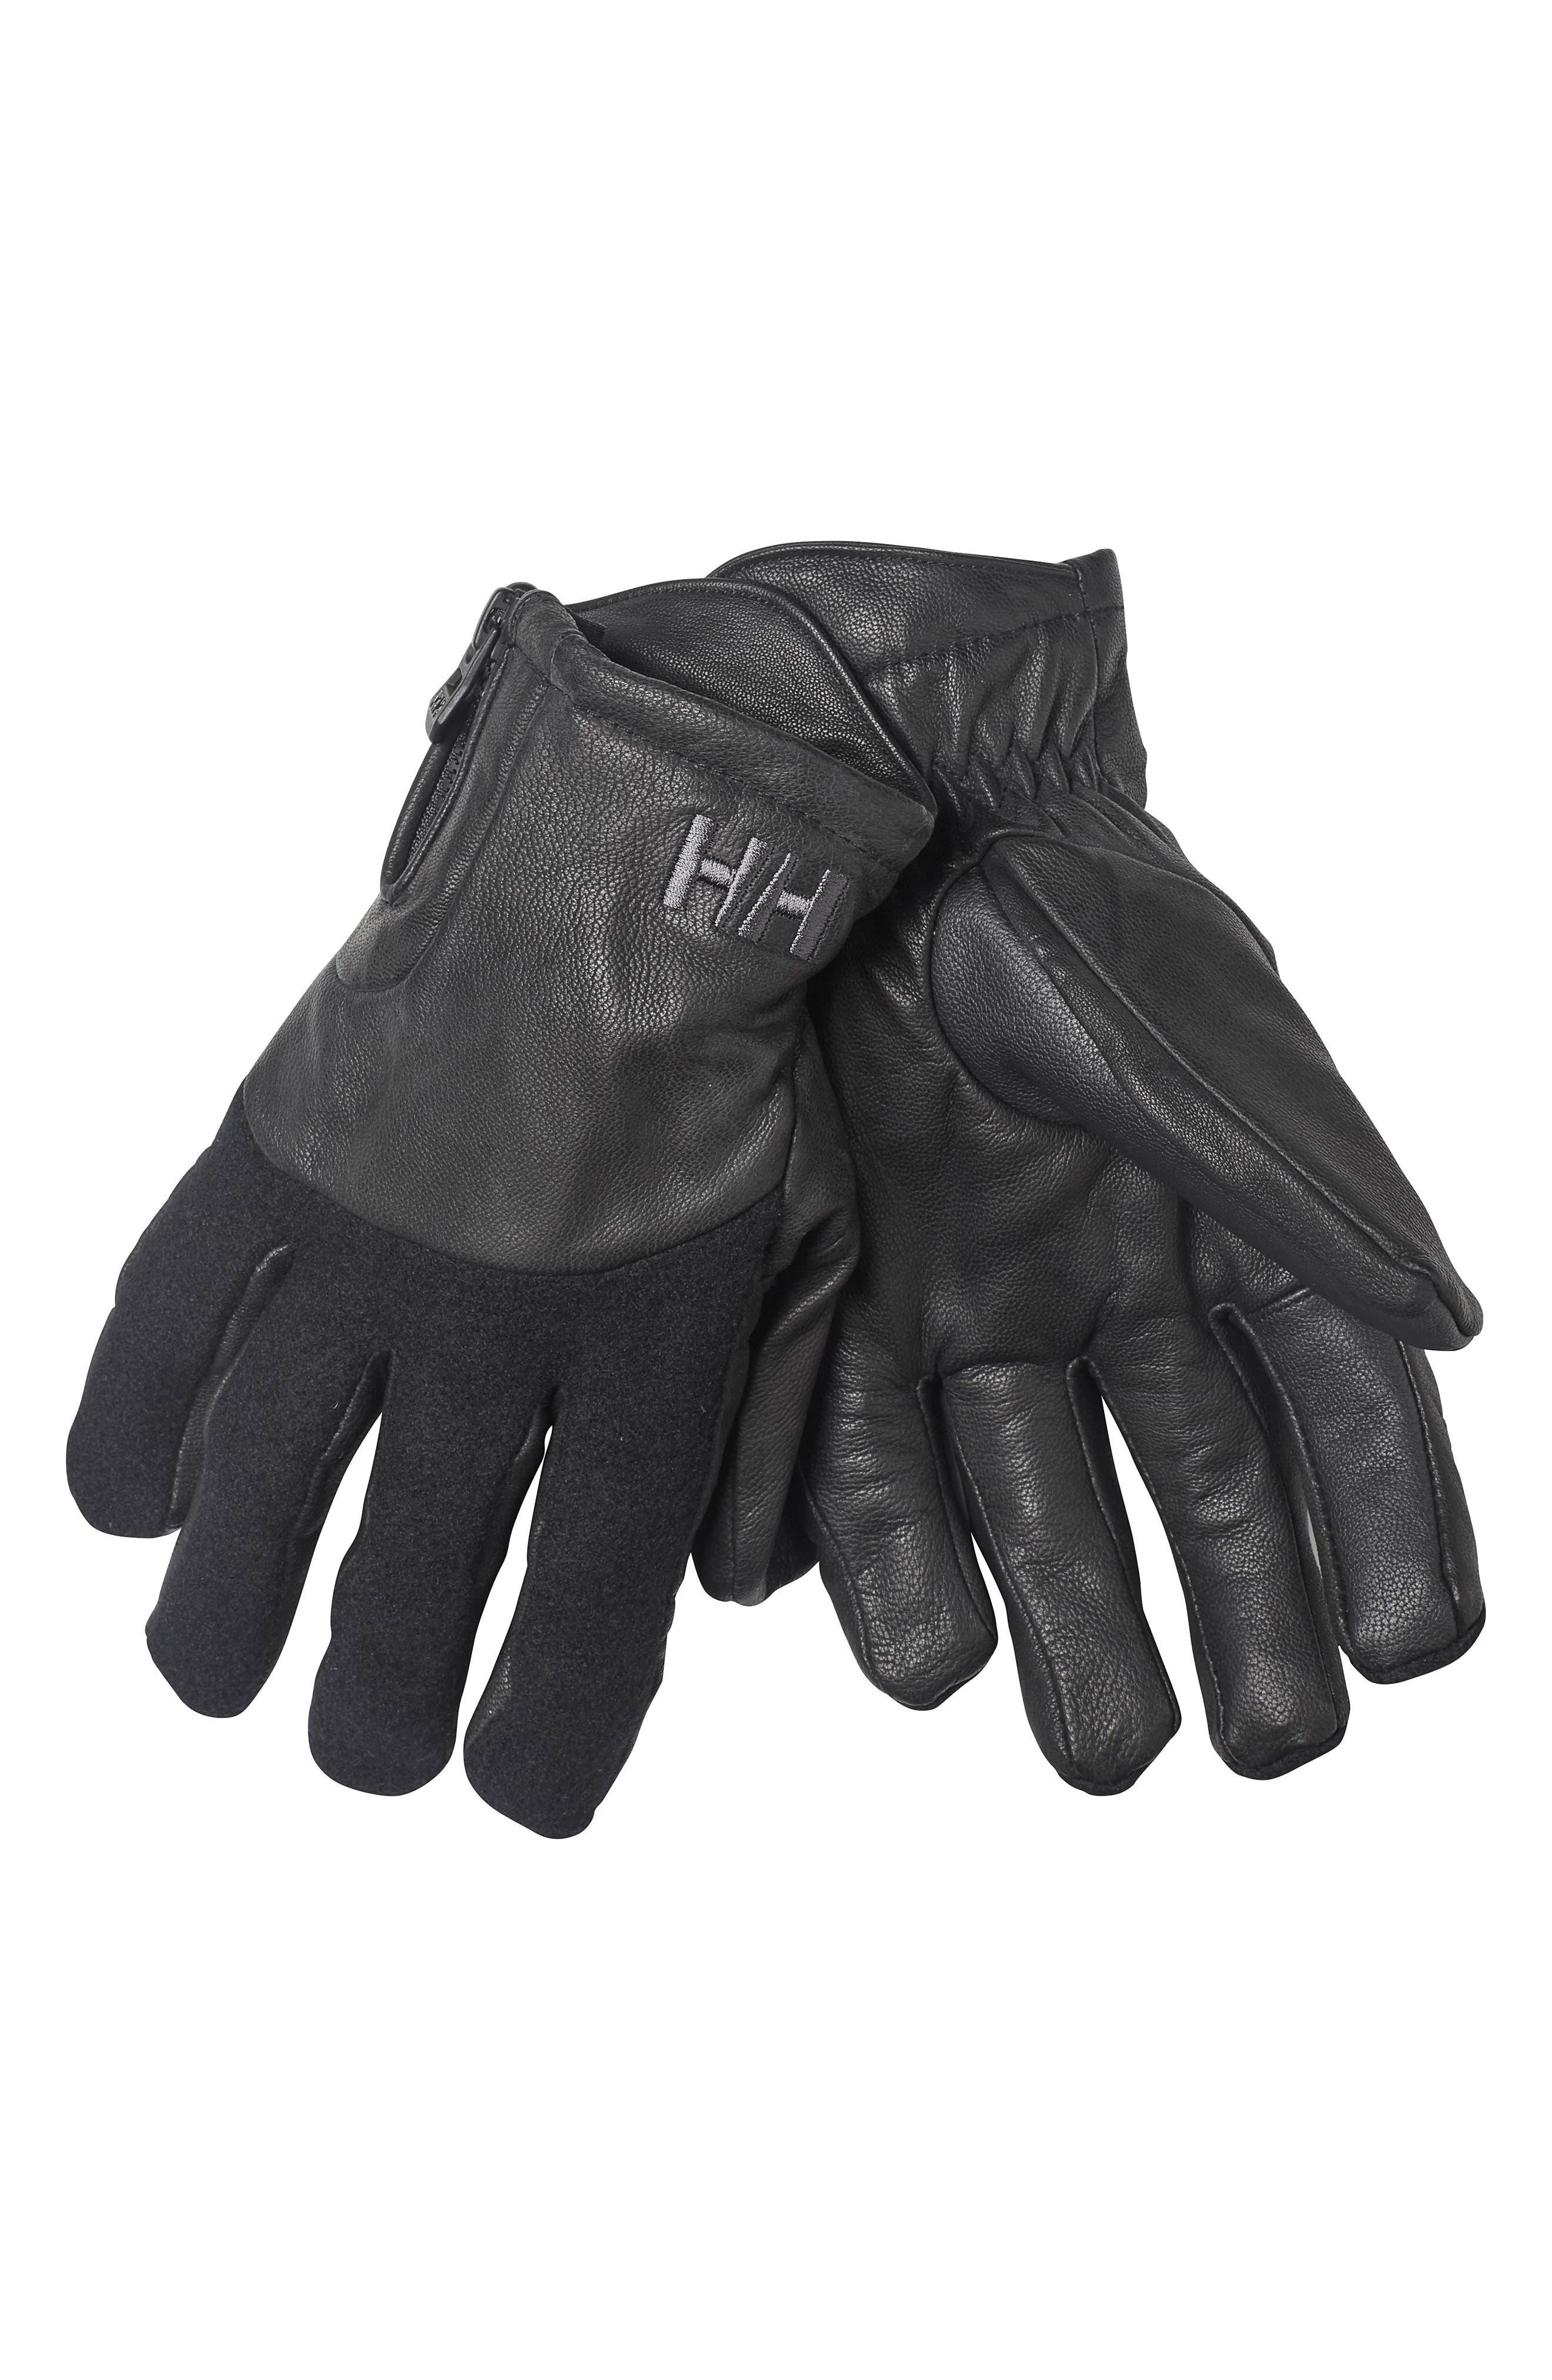 Helly Hansen Balder Leather Gloves